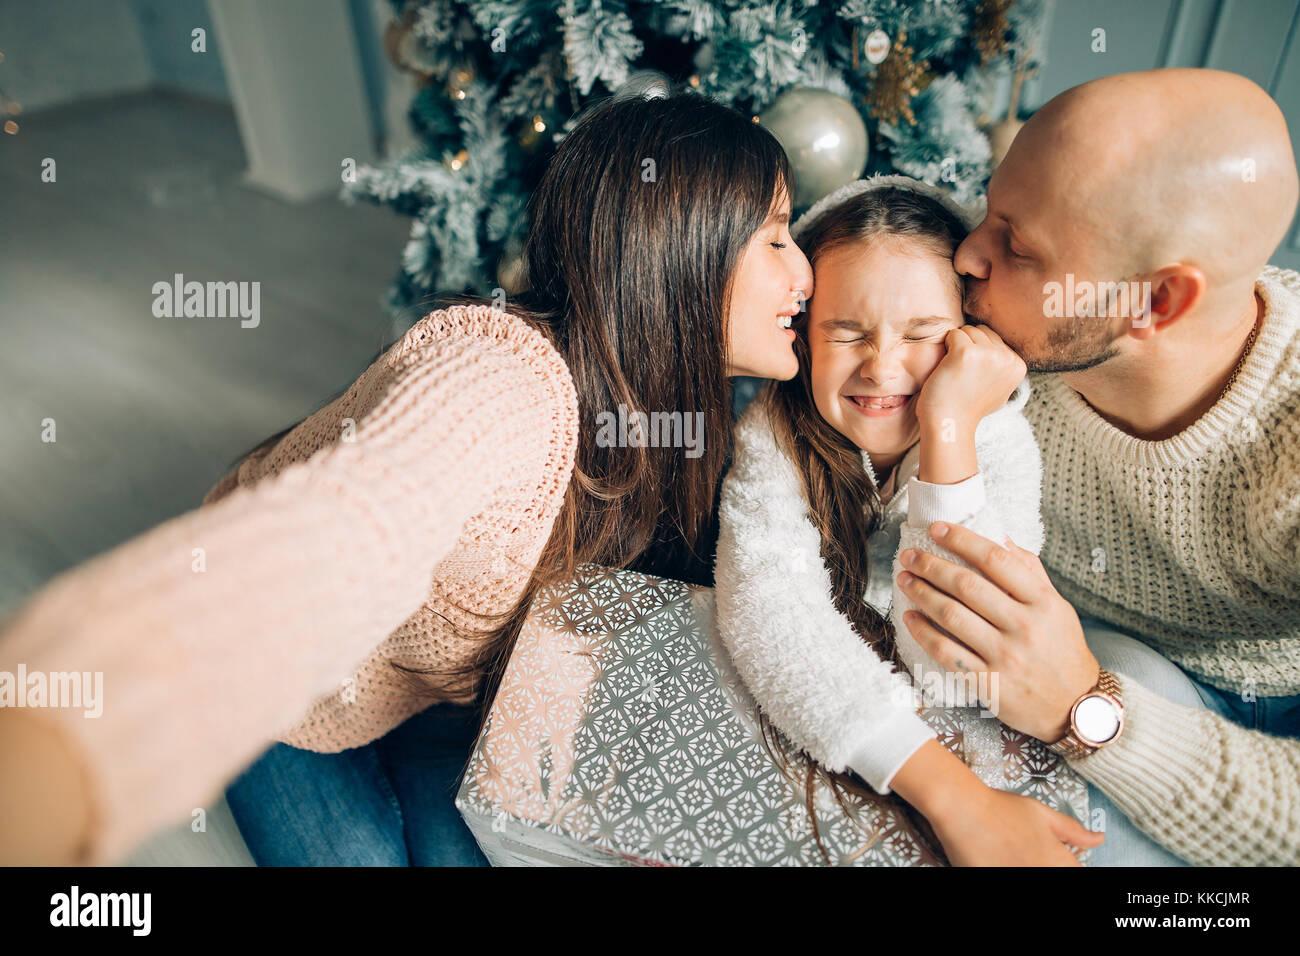 Familia alegre haciendo cómic xmas selfie y mostrando la lengua Imagen De Stock